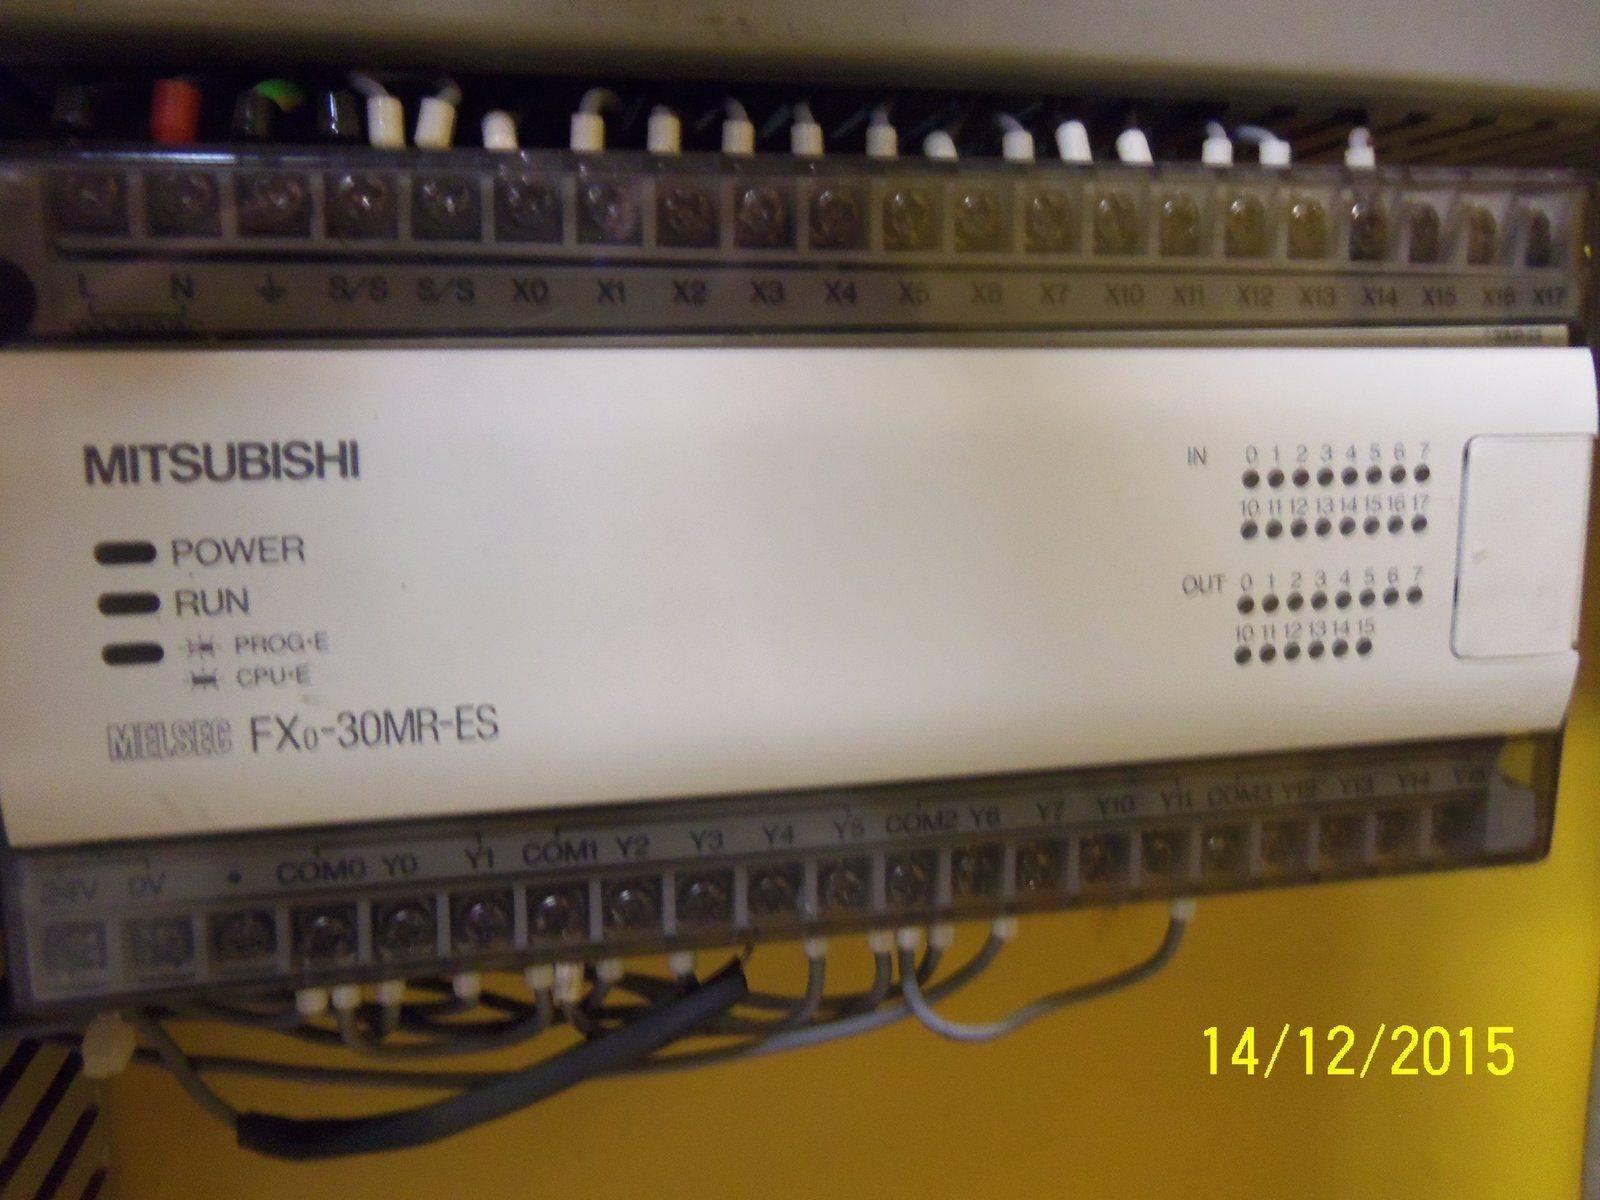 11-Mitsubishi Melsec PLC FX0-30MR-ES.JPG